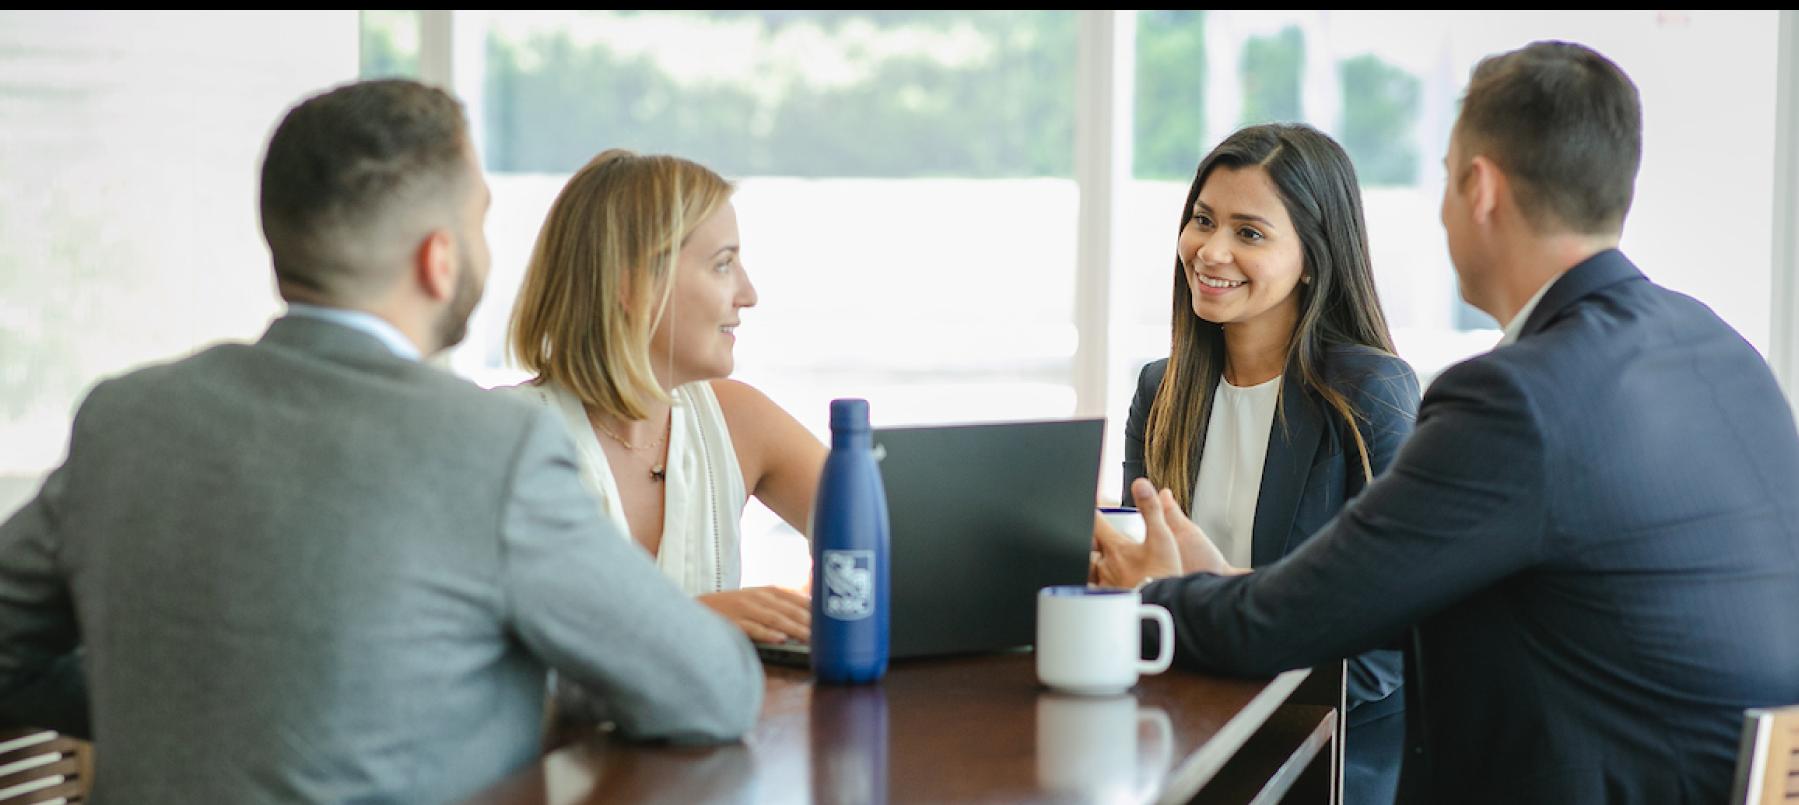 Students & Graduates | Jobs at RBC